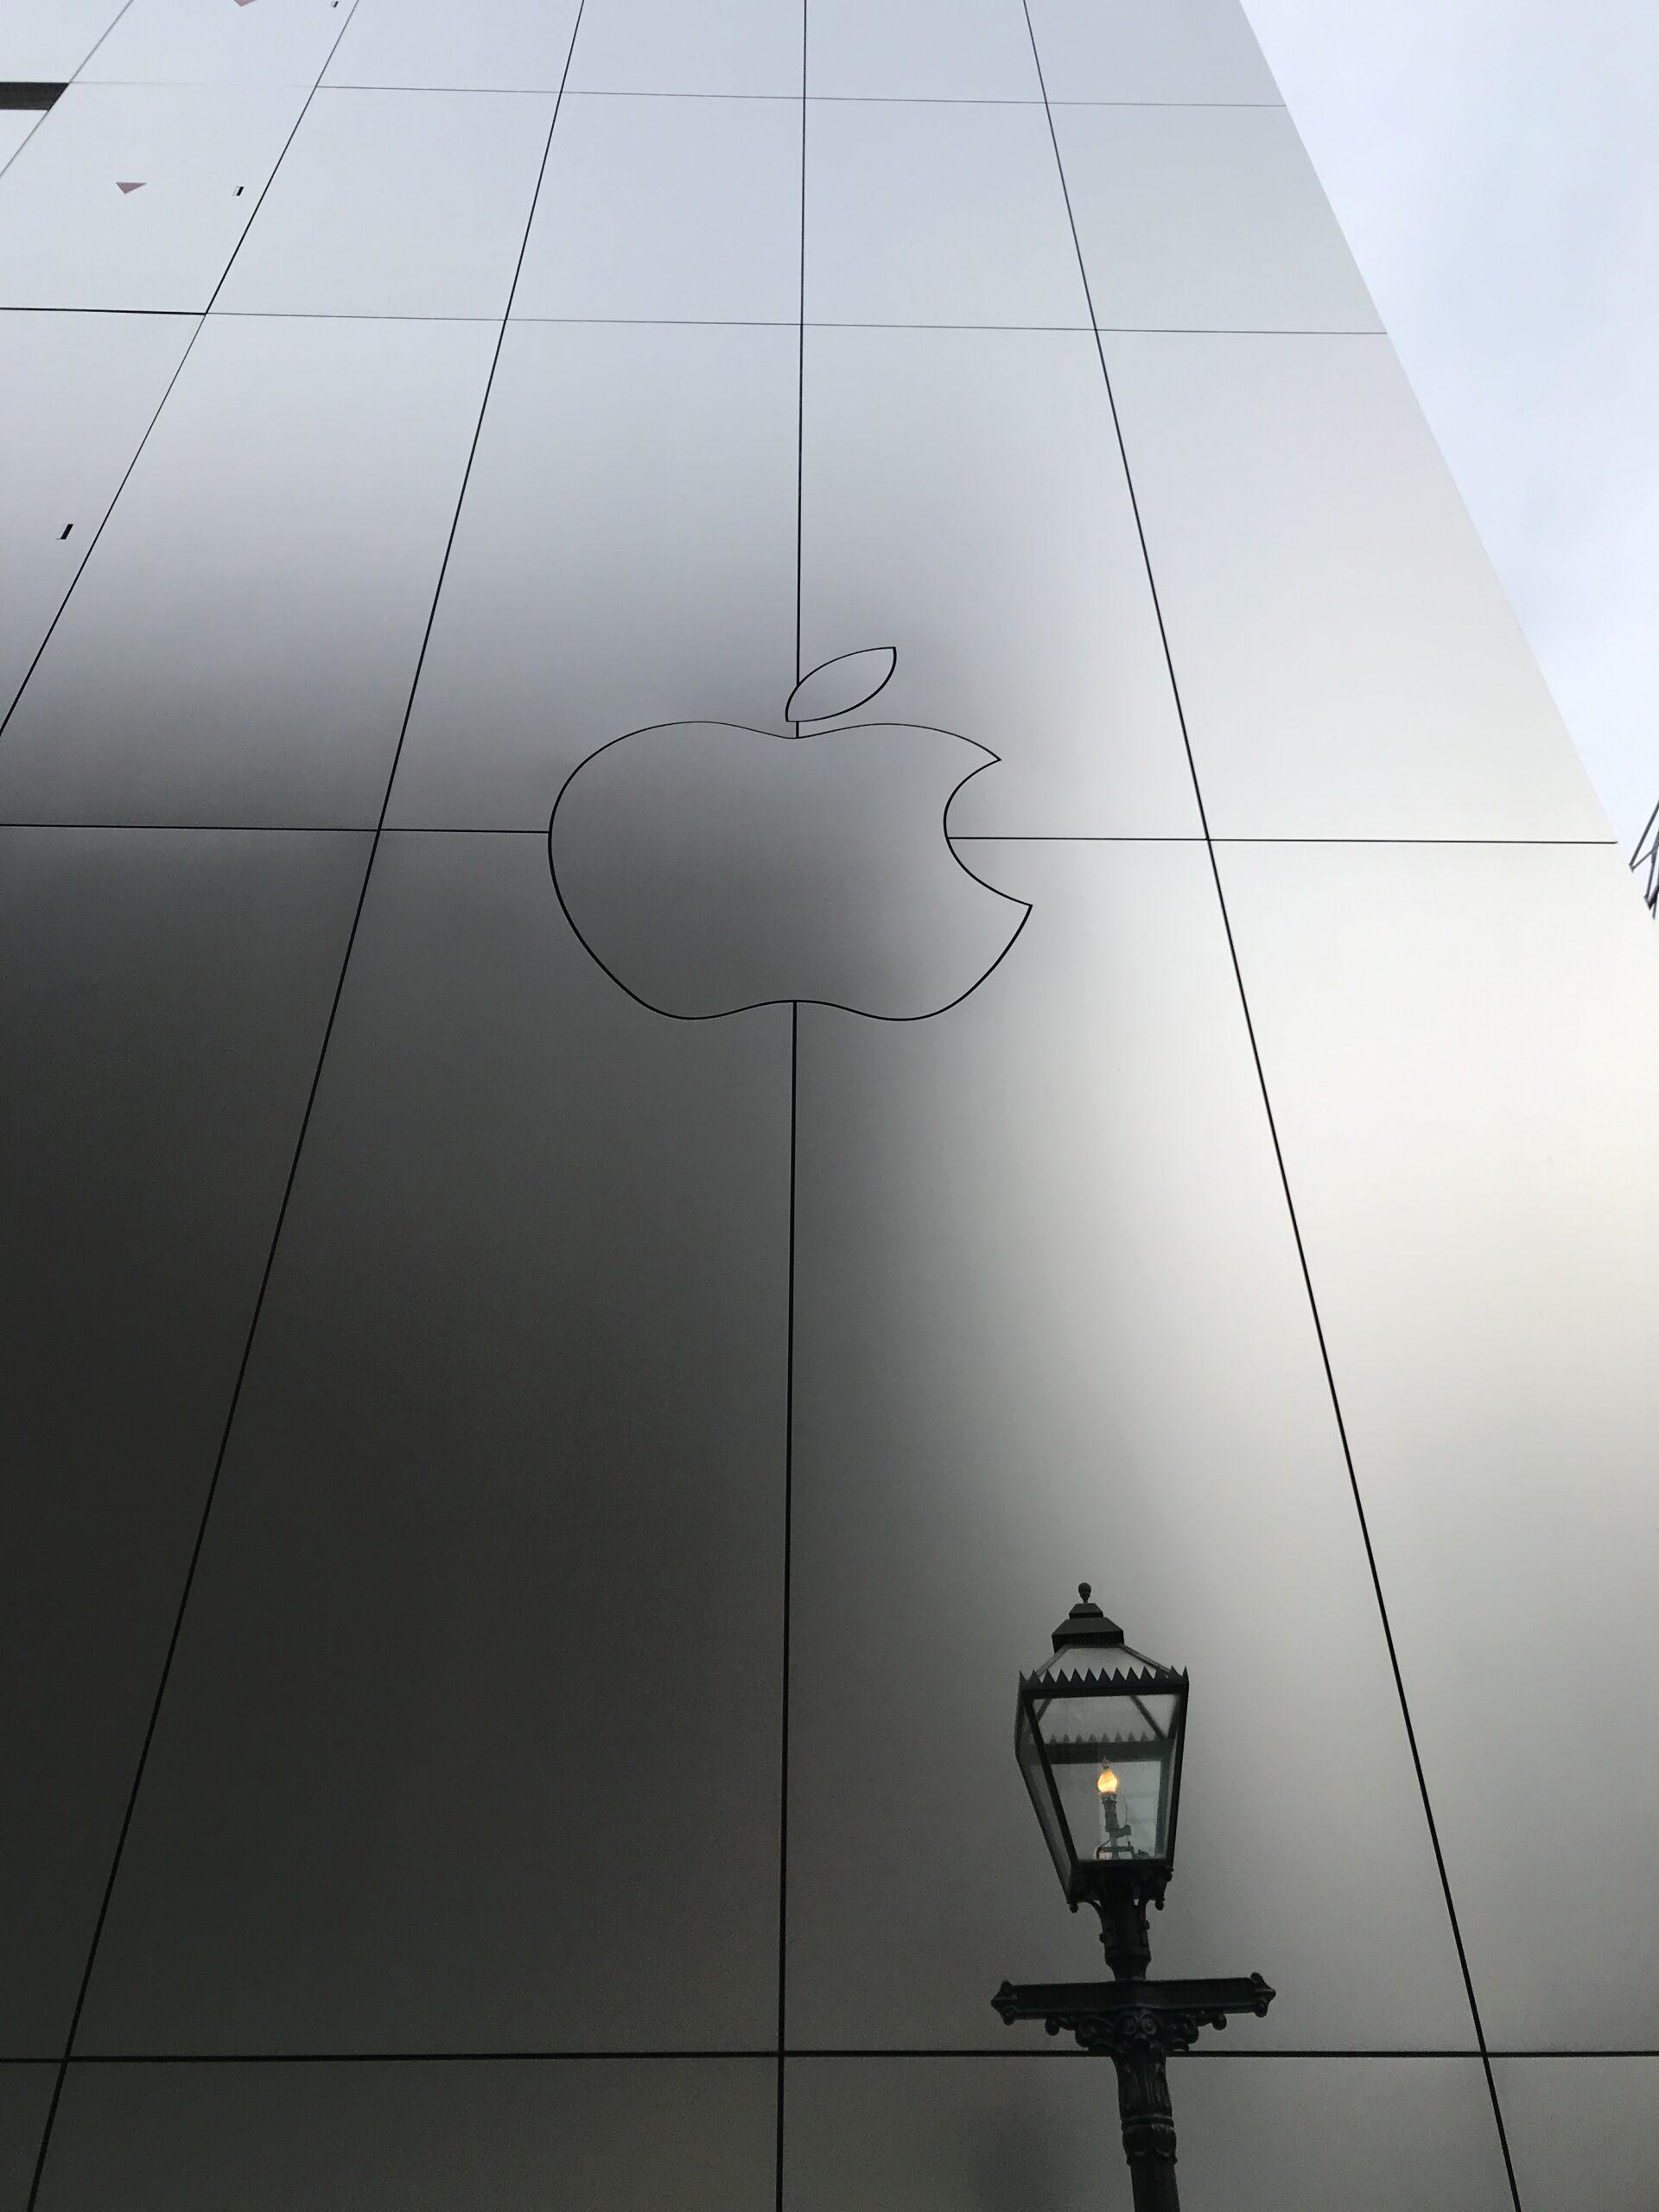 ボーリン・シウィンスキー・ジャクソン+KAJIMA DESIGN「Apple Store GINZA」海外建築設計事務所とゼネコン設計部による MacBookのような筐体建築